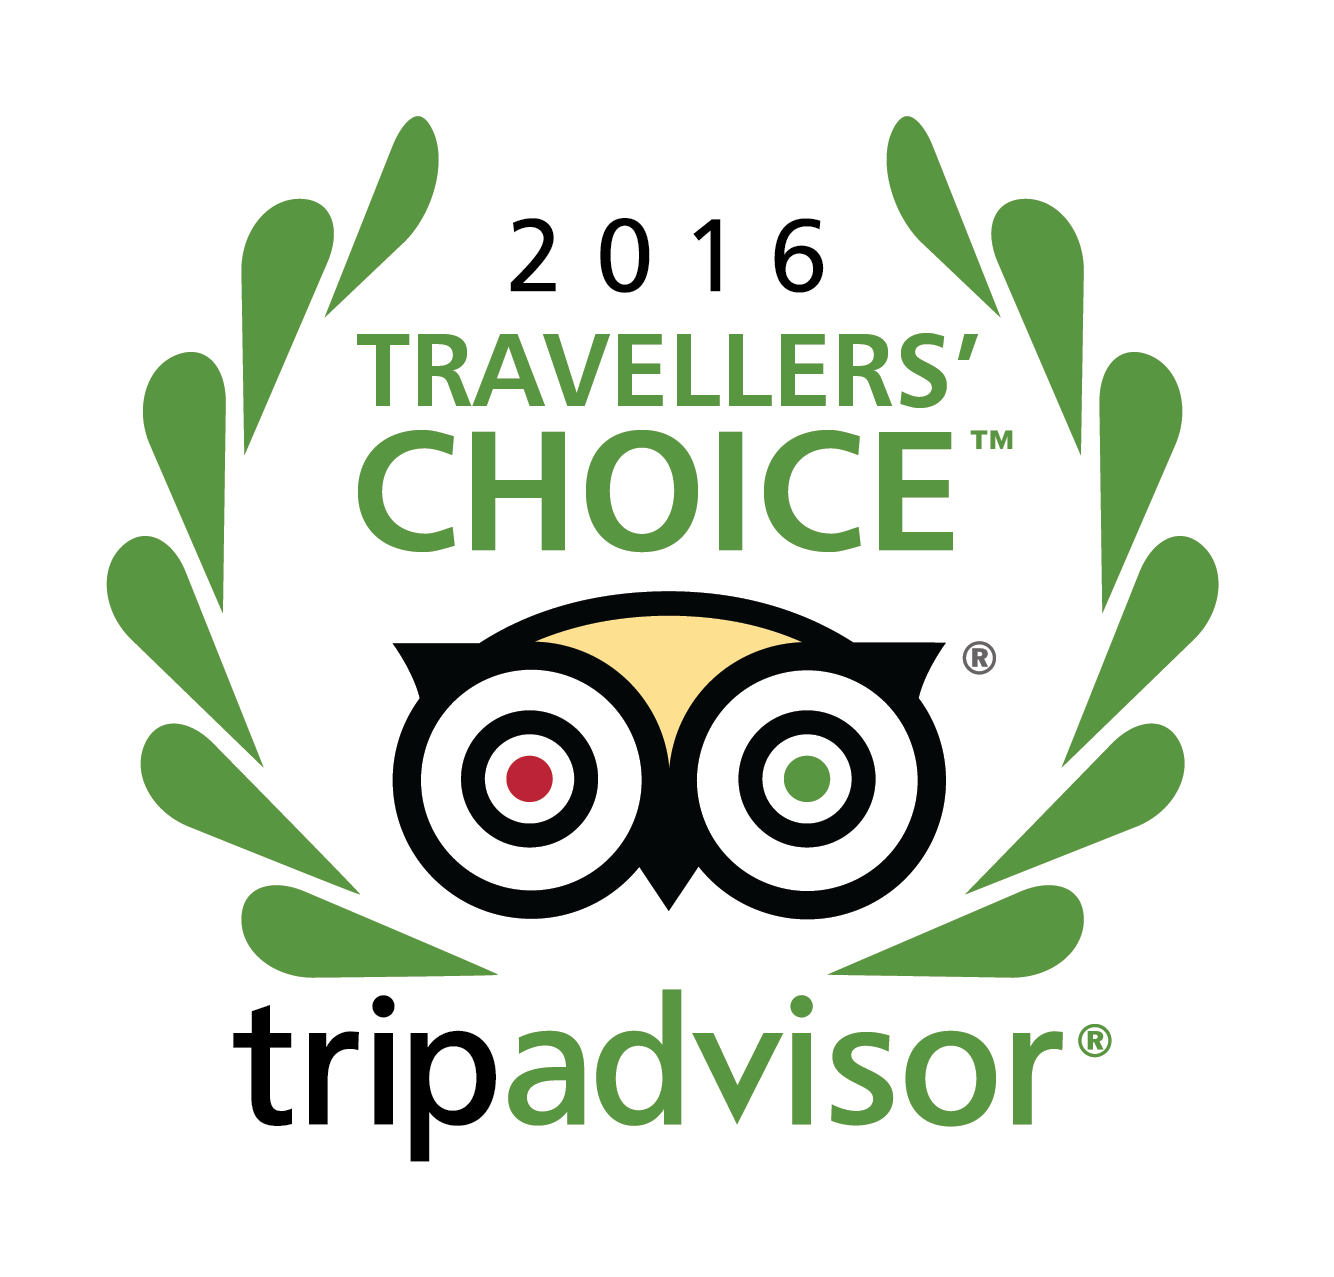 Falsled Kro winsTravellers' Choice 2016